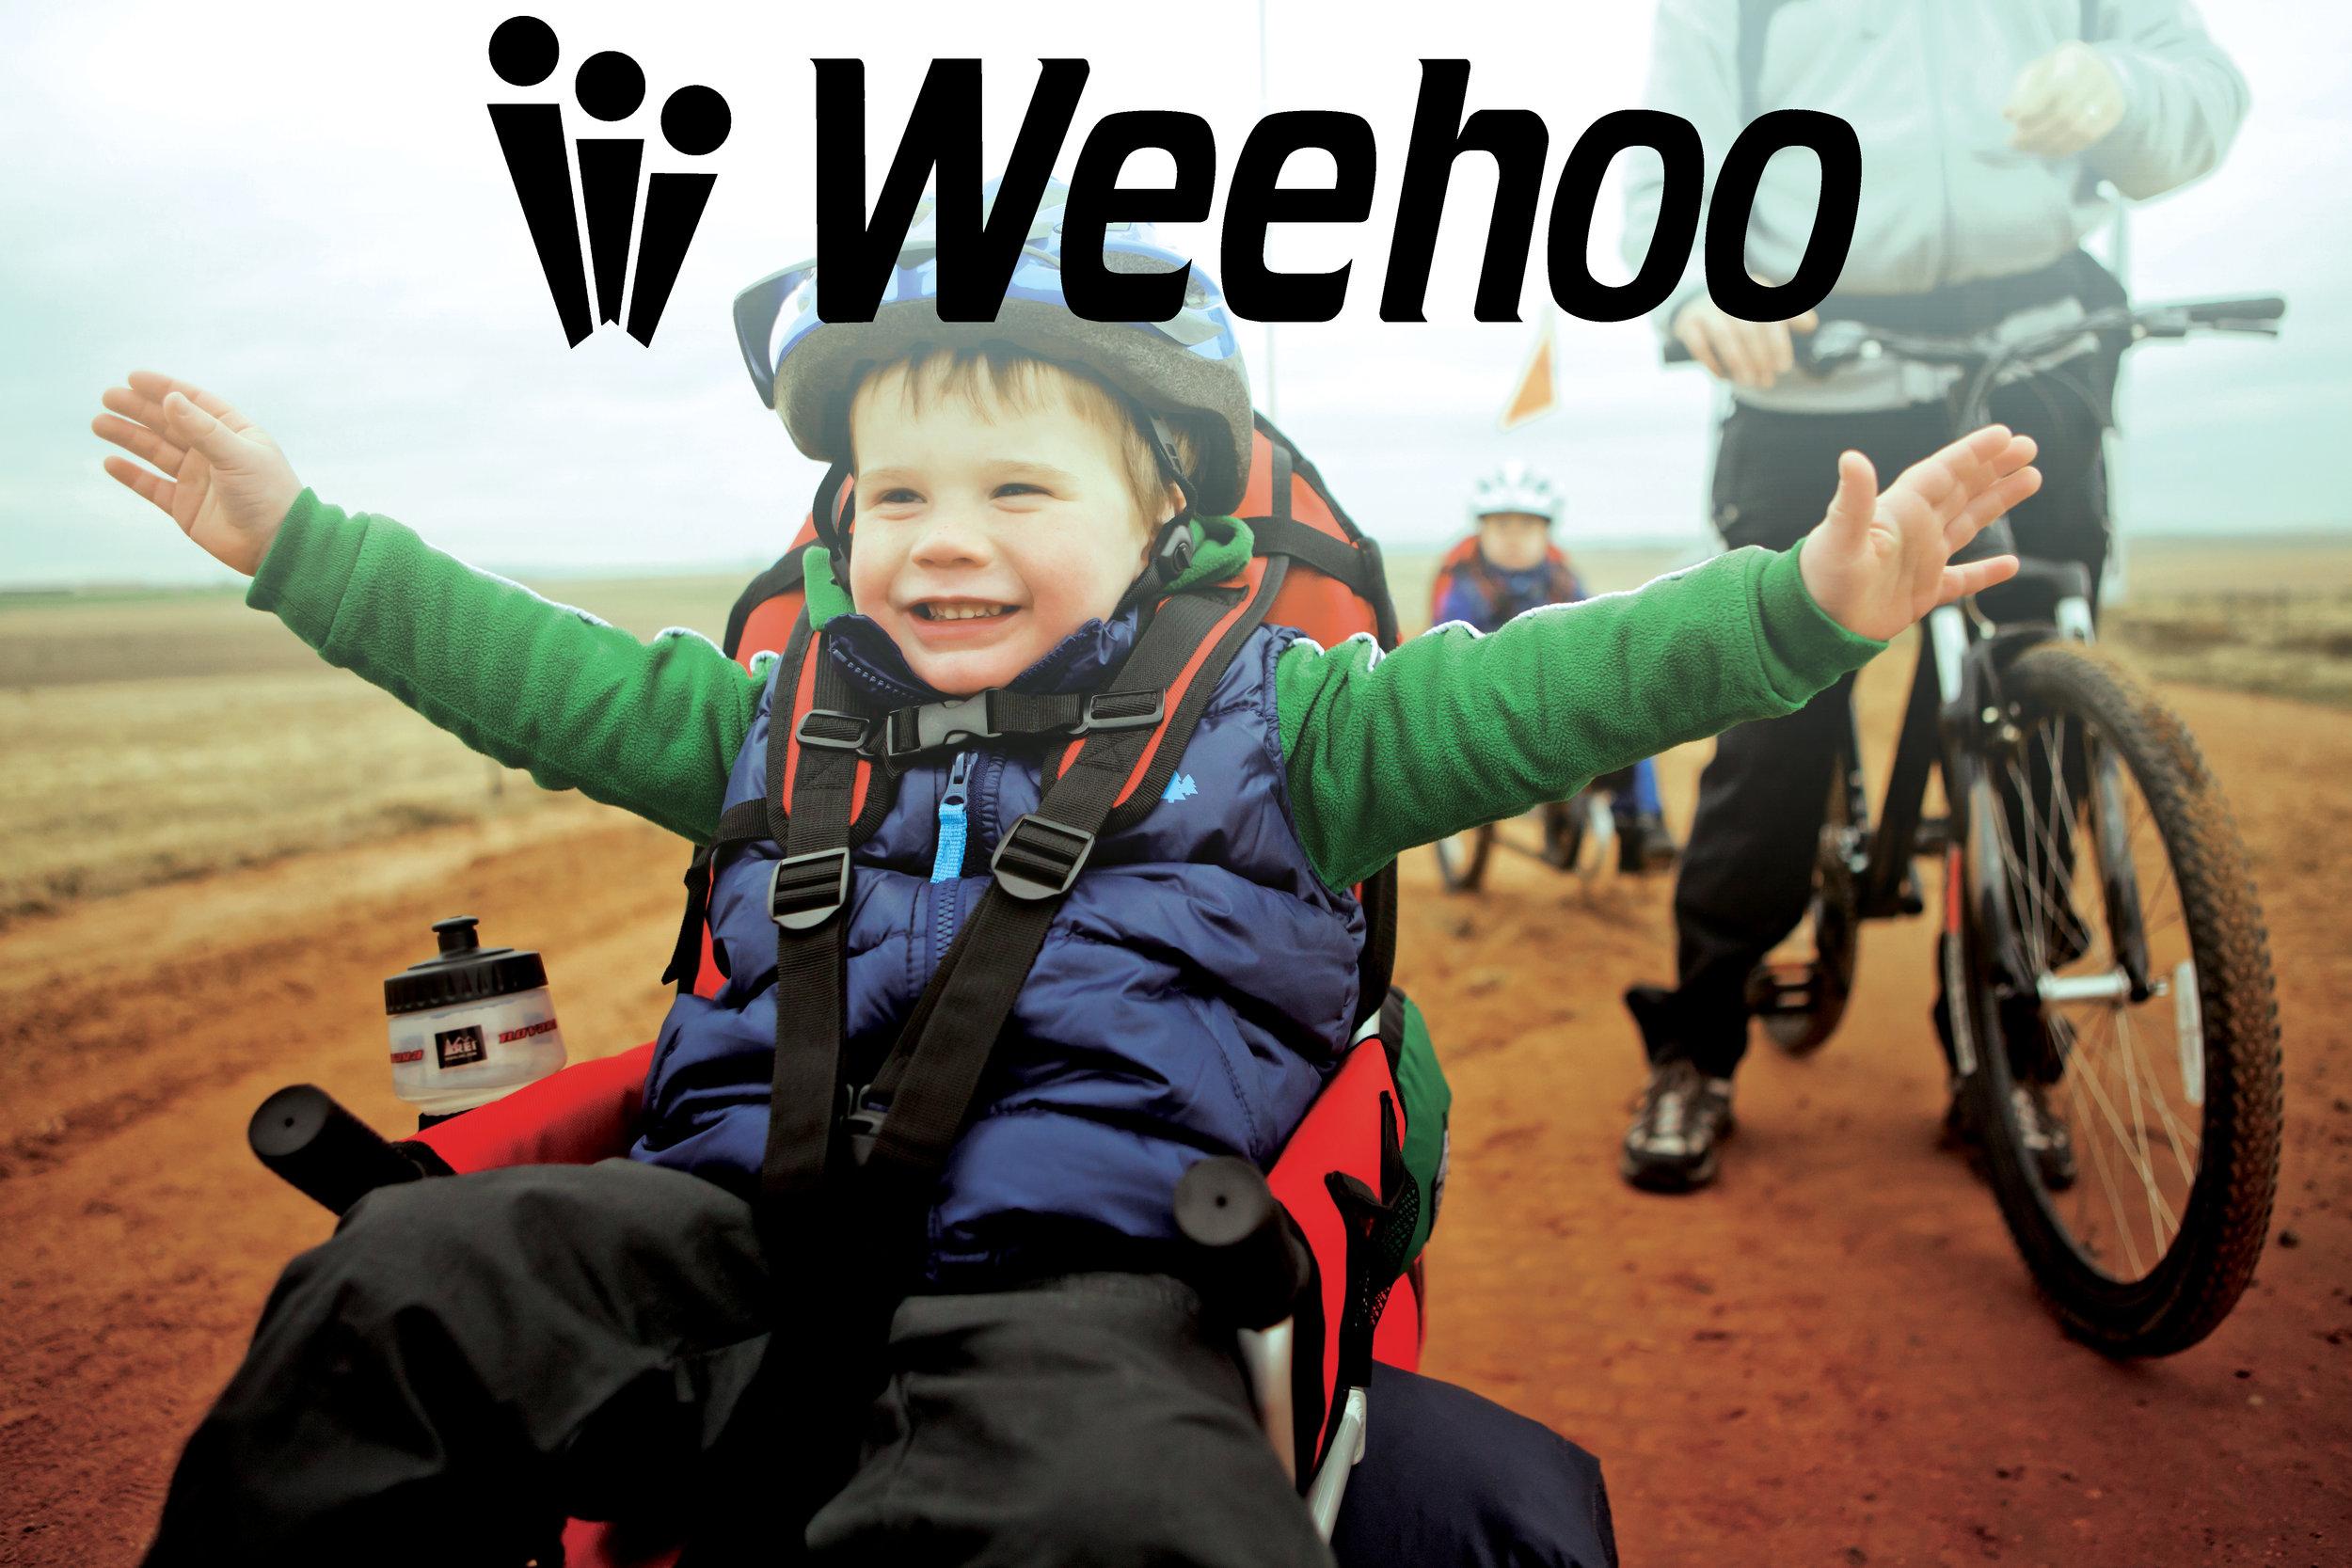 Hurray Weehoo® Weehoo Bike Trailer and Trailer Bike